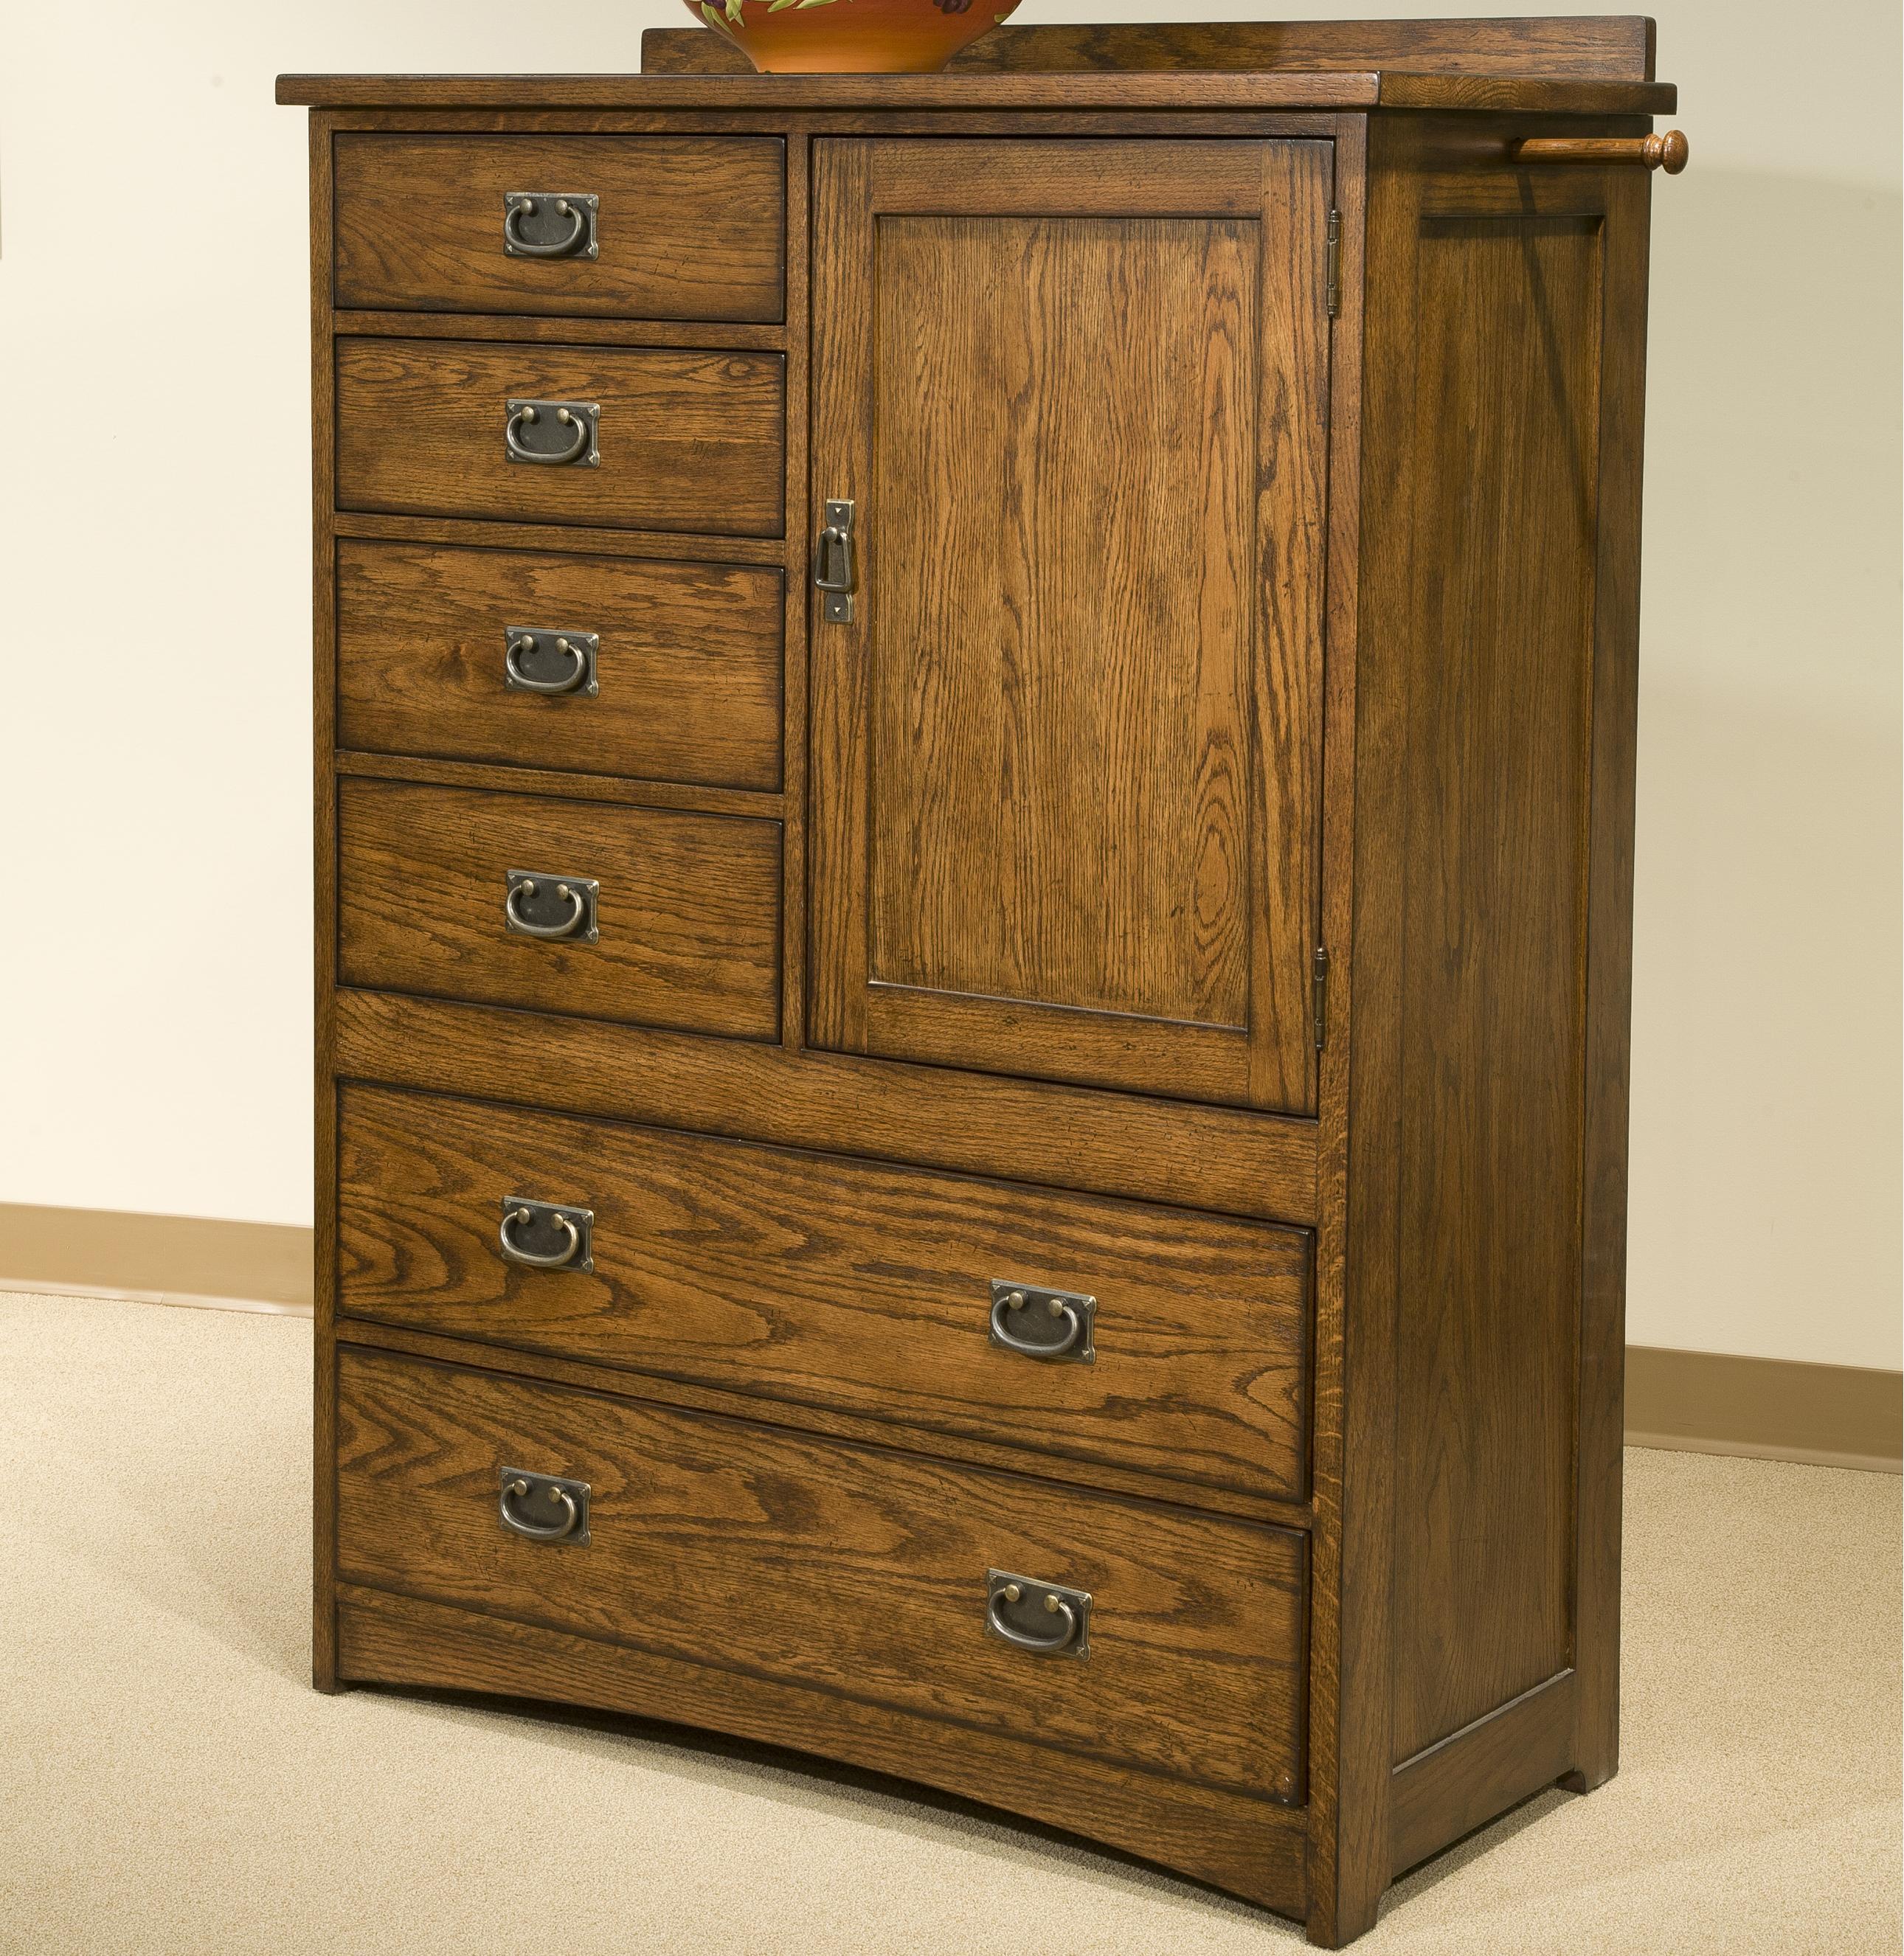 Intercon Oak Park Chest of Drawers with Door - Item Number: OP-BR-5806D-MIS-C